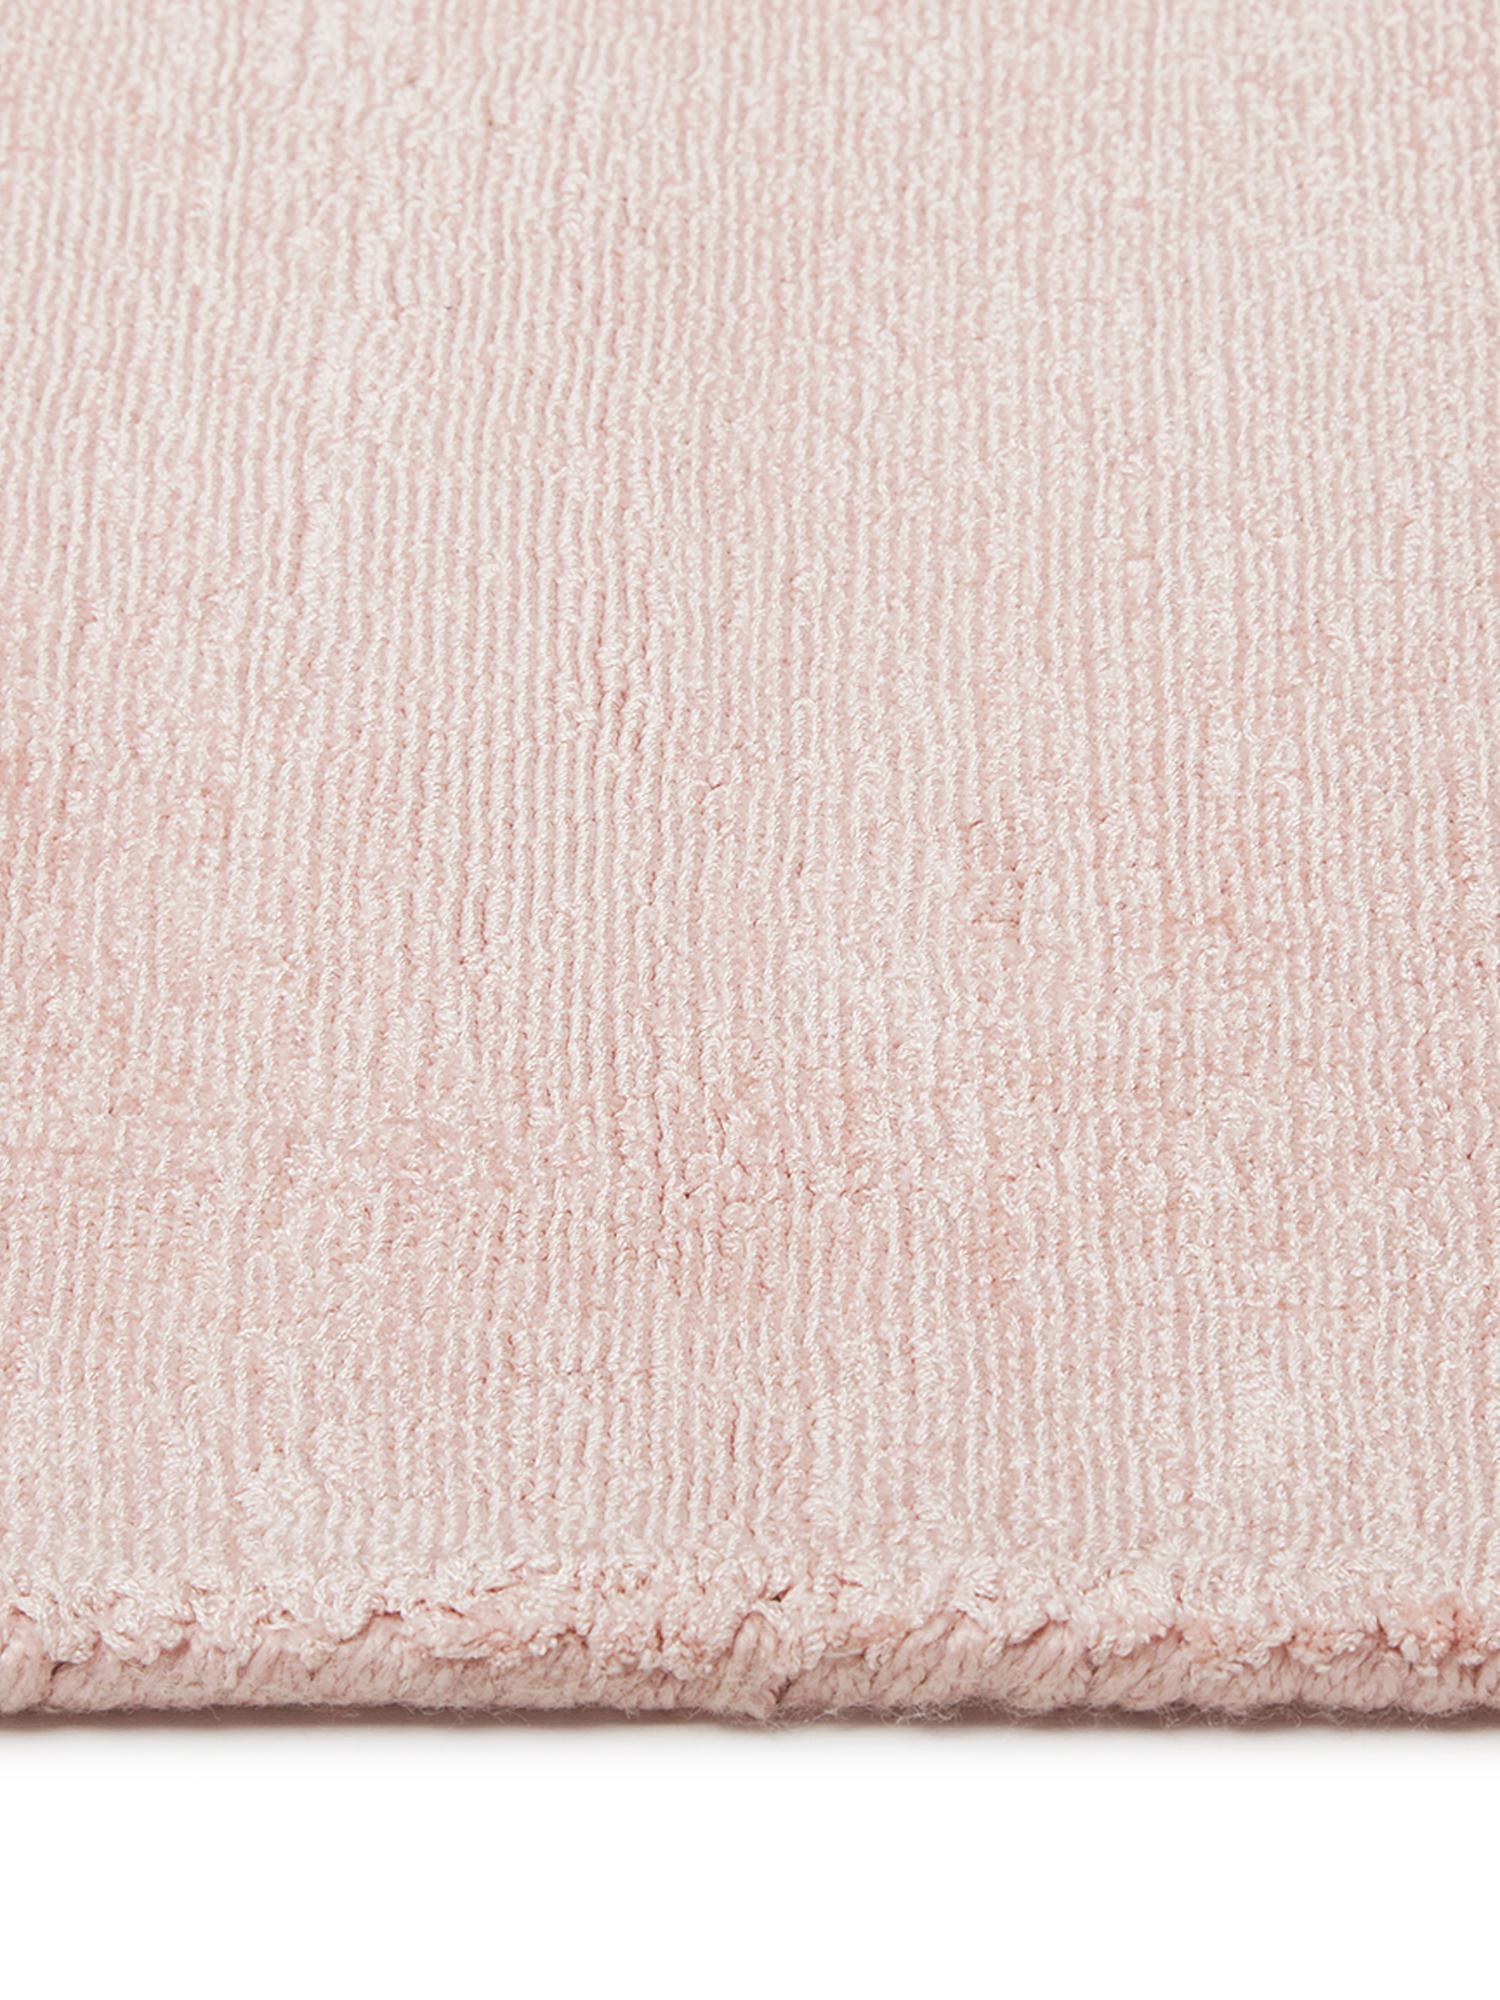 Tappeto in viscosa tessuto a mano Jane, Retro: 100% cotone, Rosa, Larg.160 x Lung. 230 cm  (taglia M)